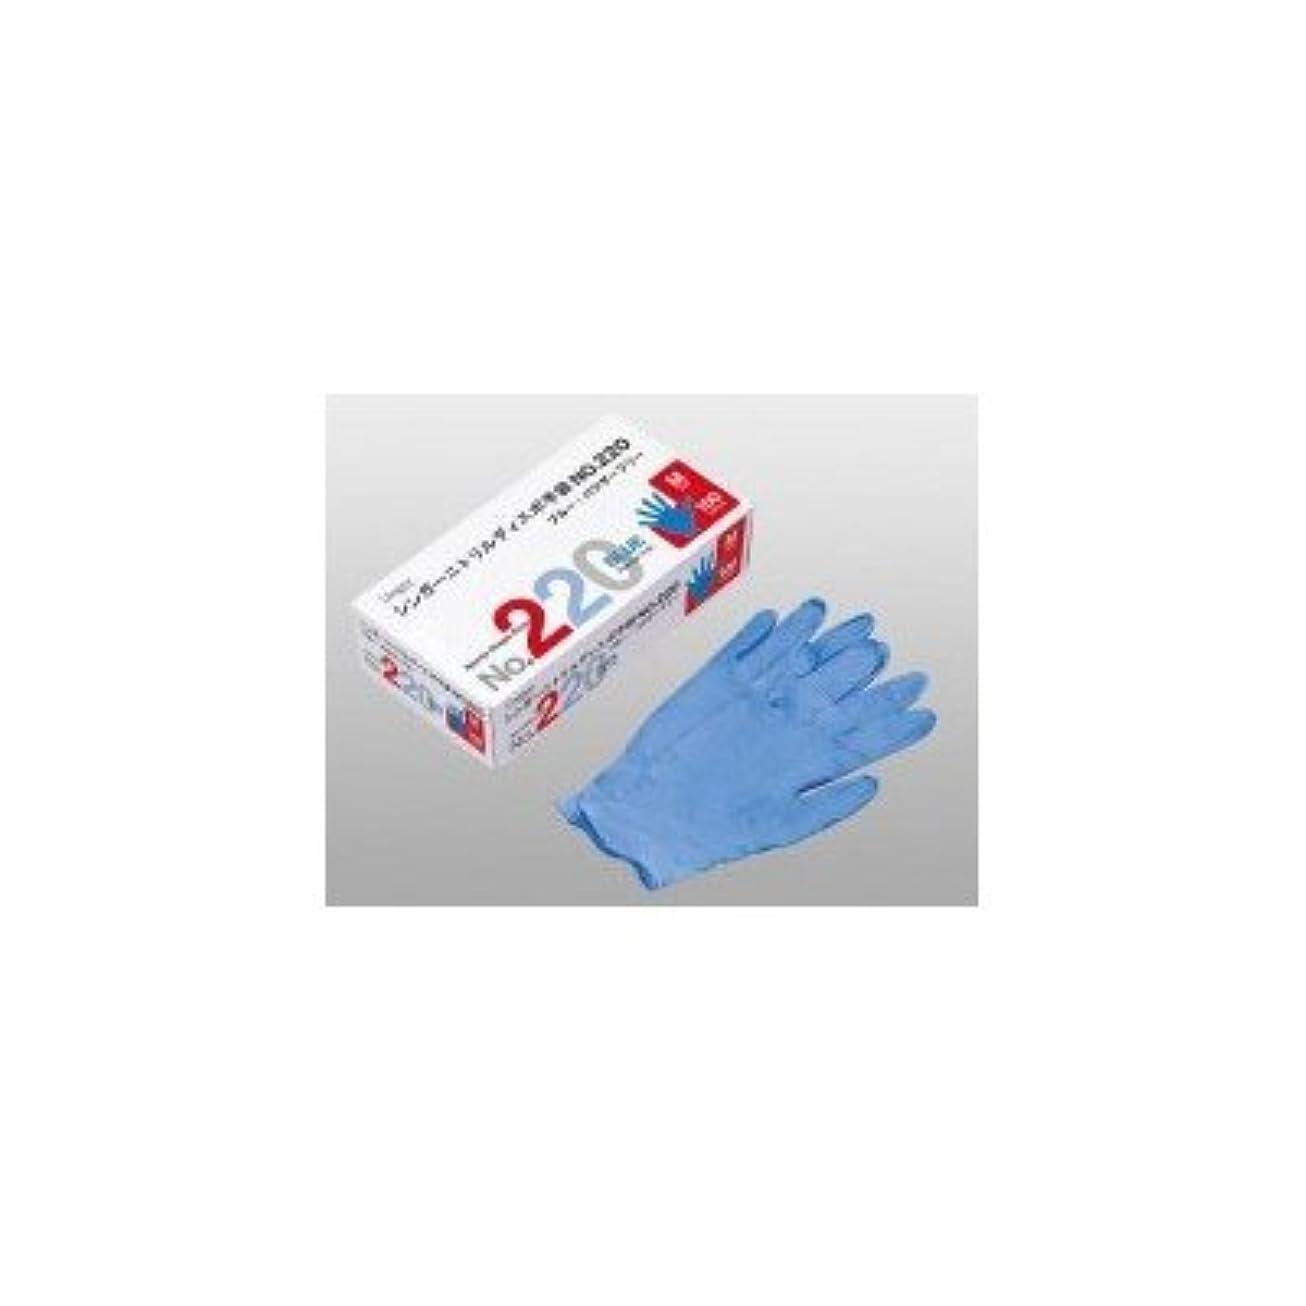 廃止する文言満了シンガーニトリルディスポ手袋 No.220 ブルー パウダーフリー(100枚) M( 画像はイメージ画像です お届けの商品はMのみとなります)